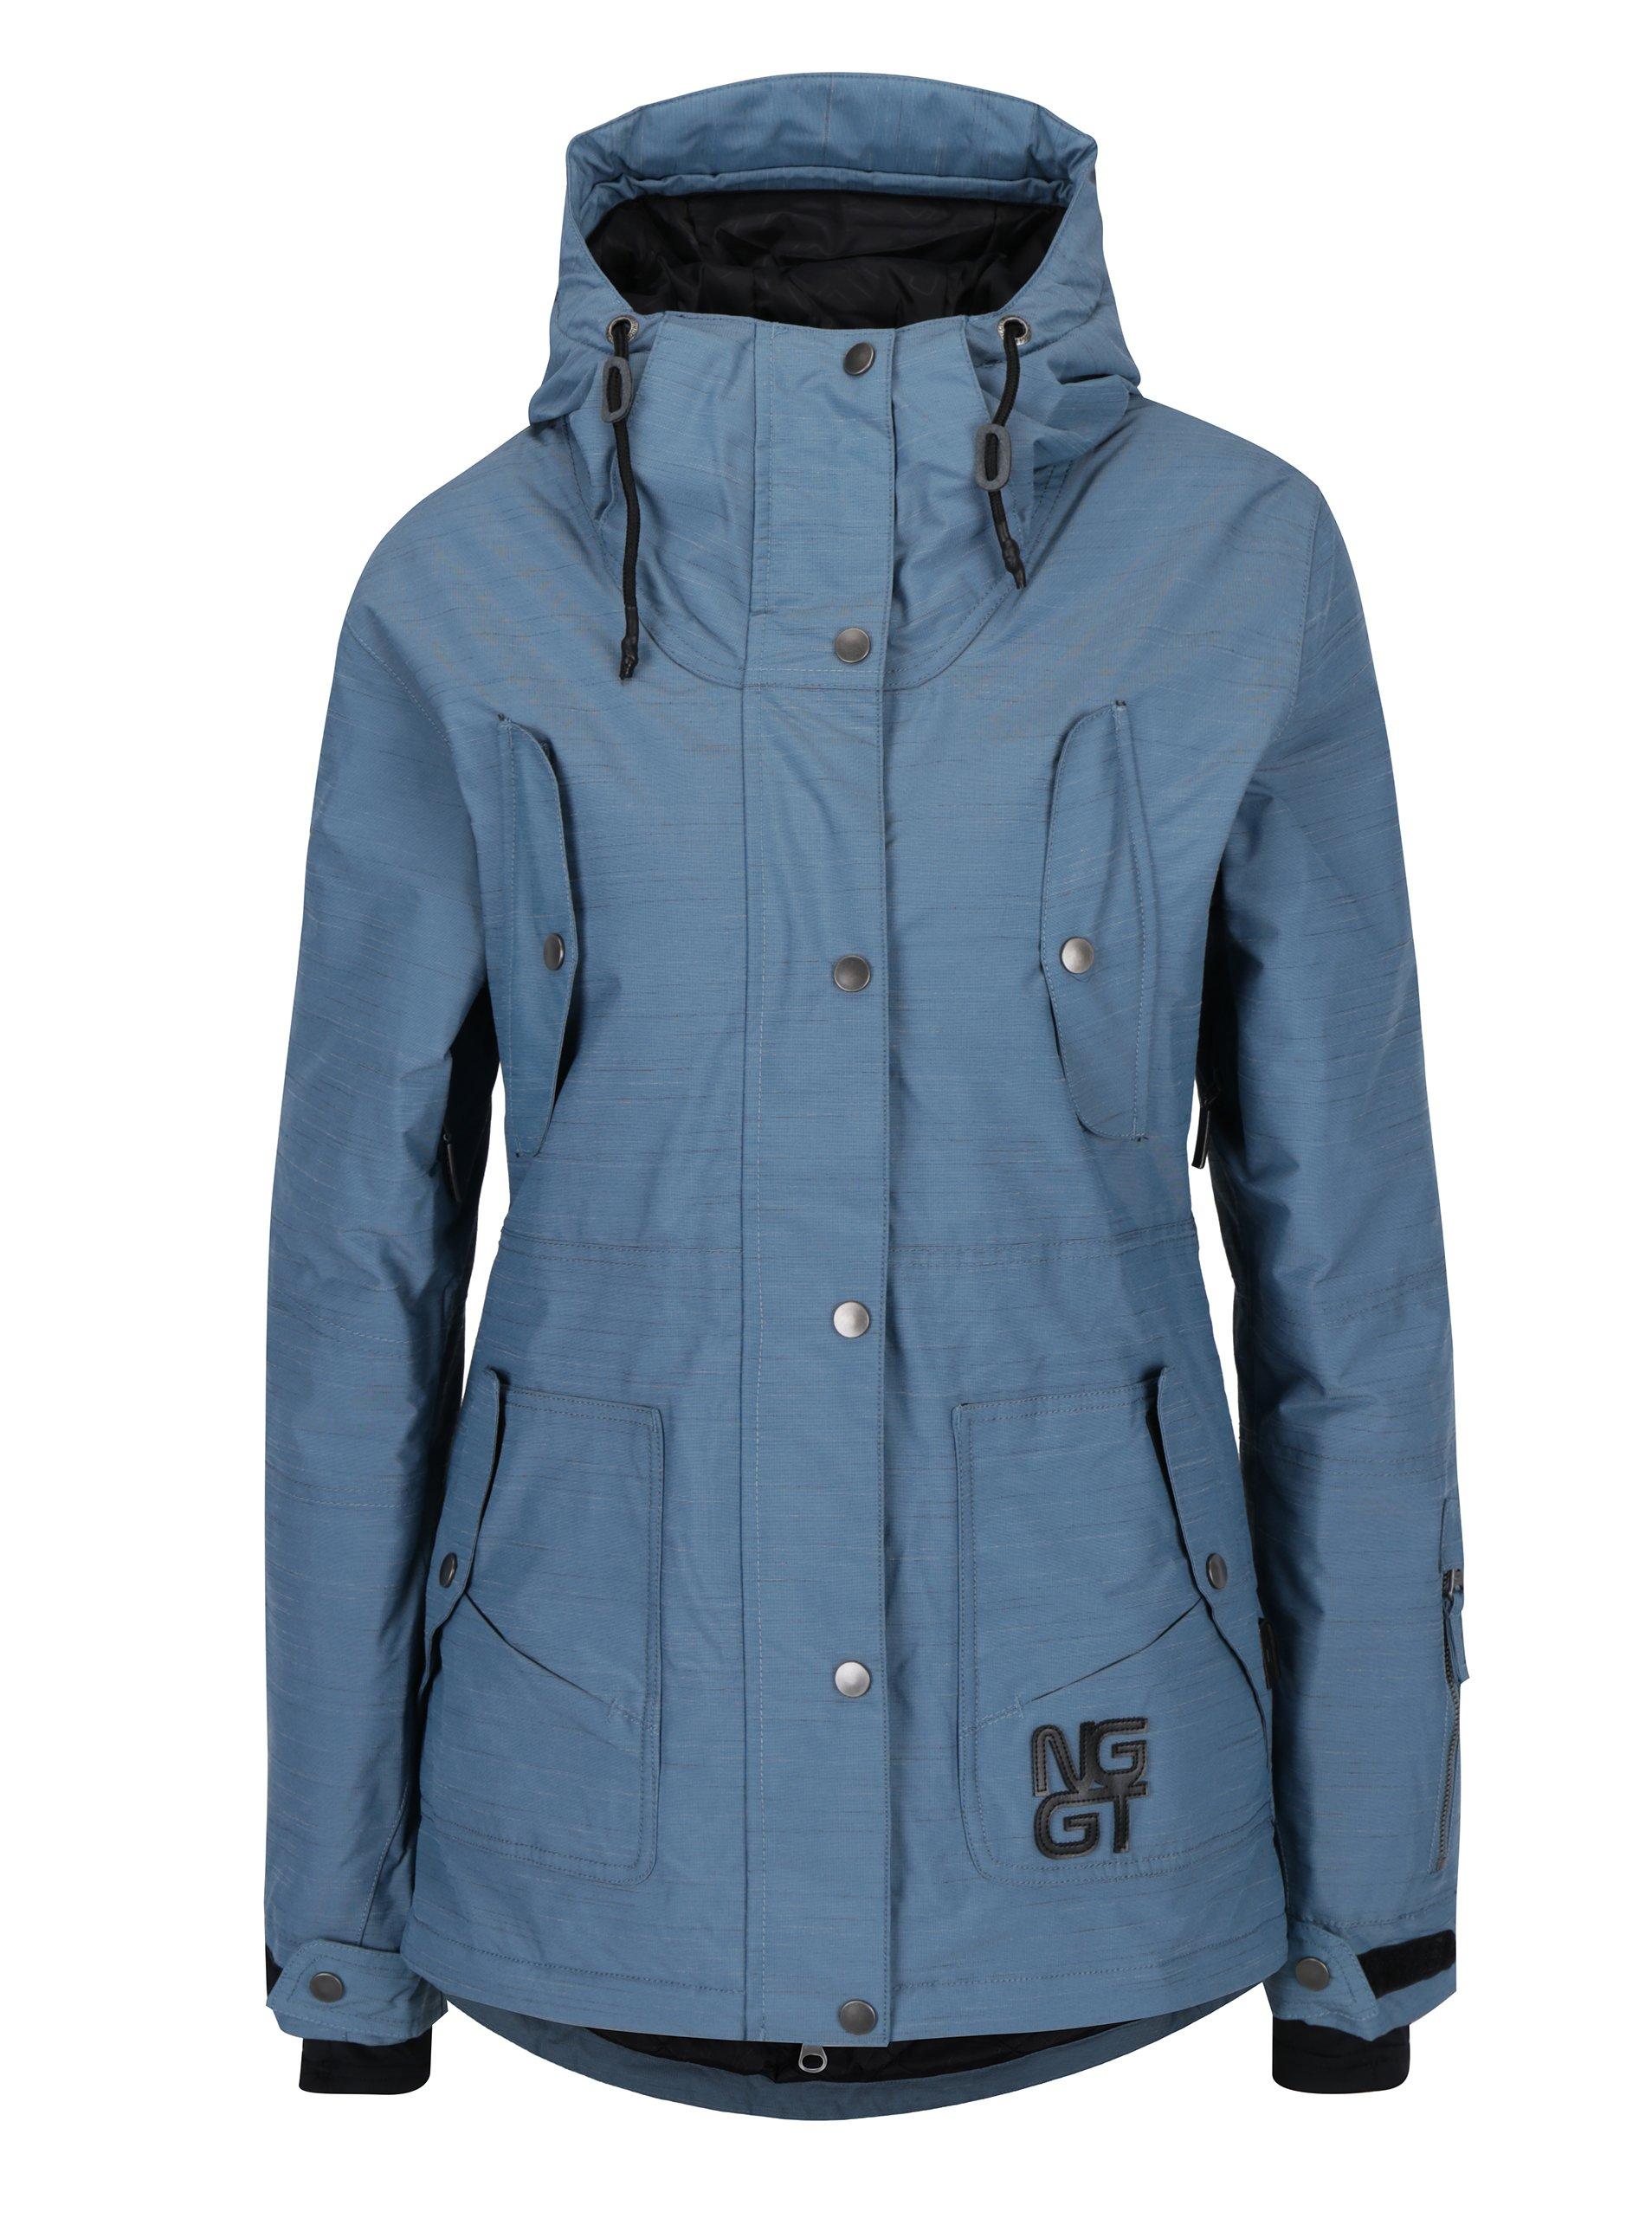 Modrá dámská nepromokavá zimní bunda NUGGET Anja